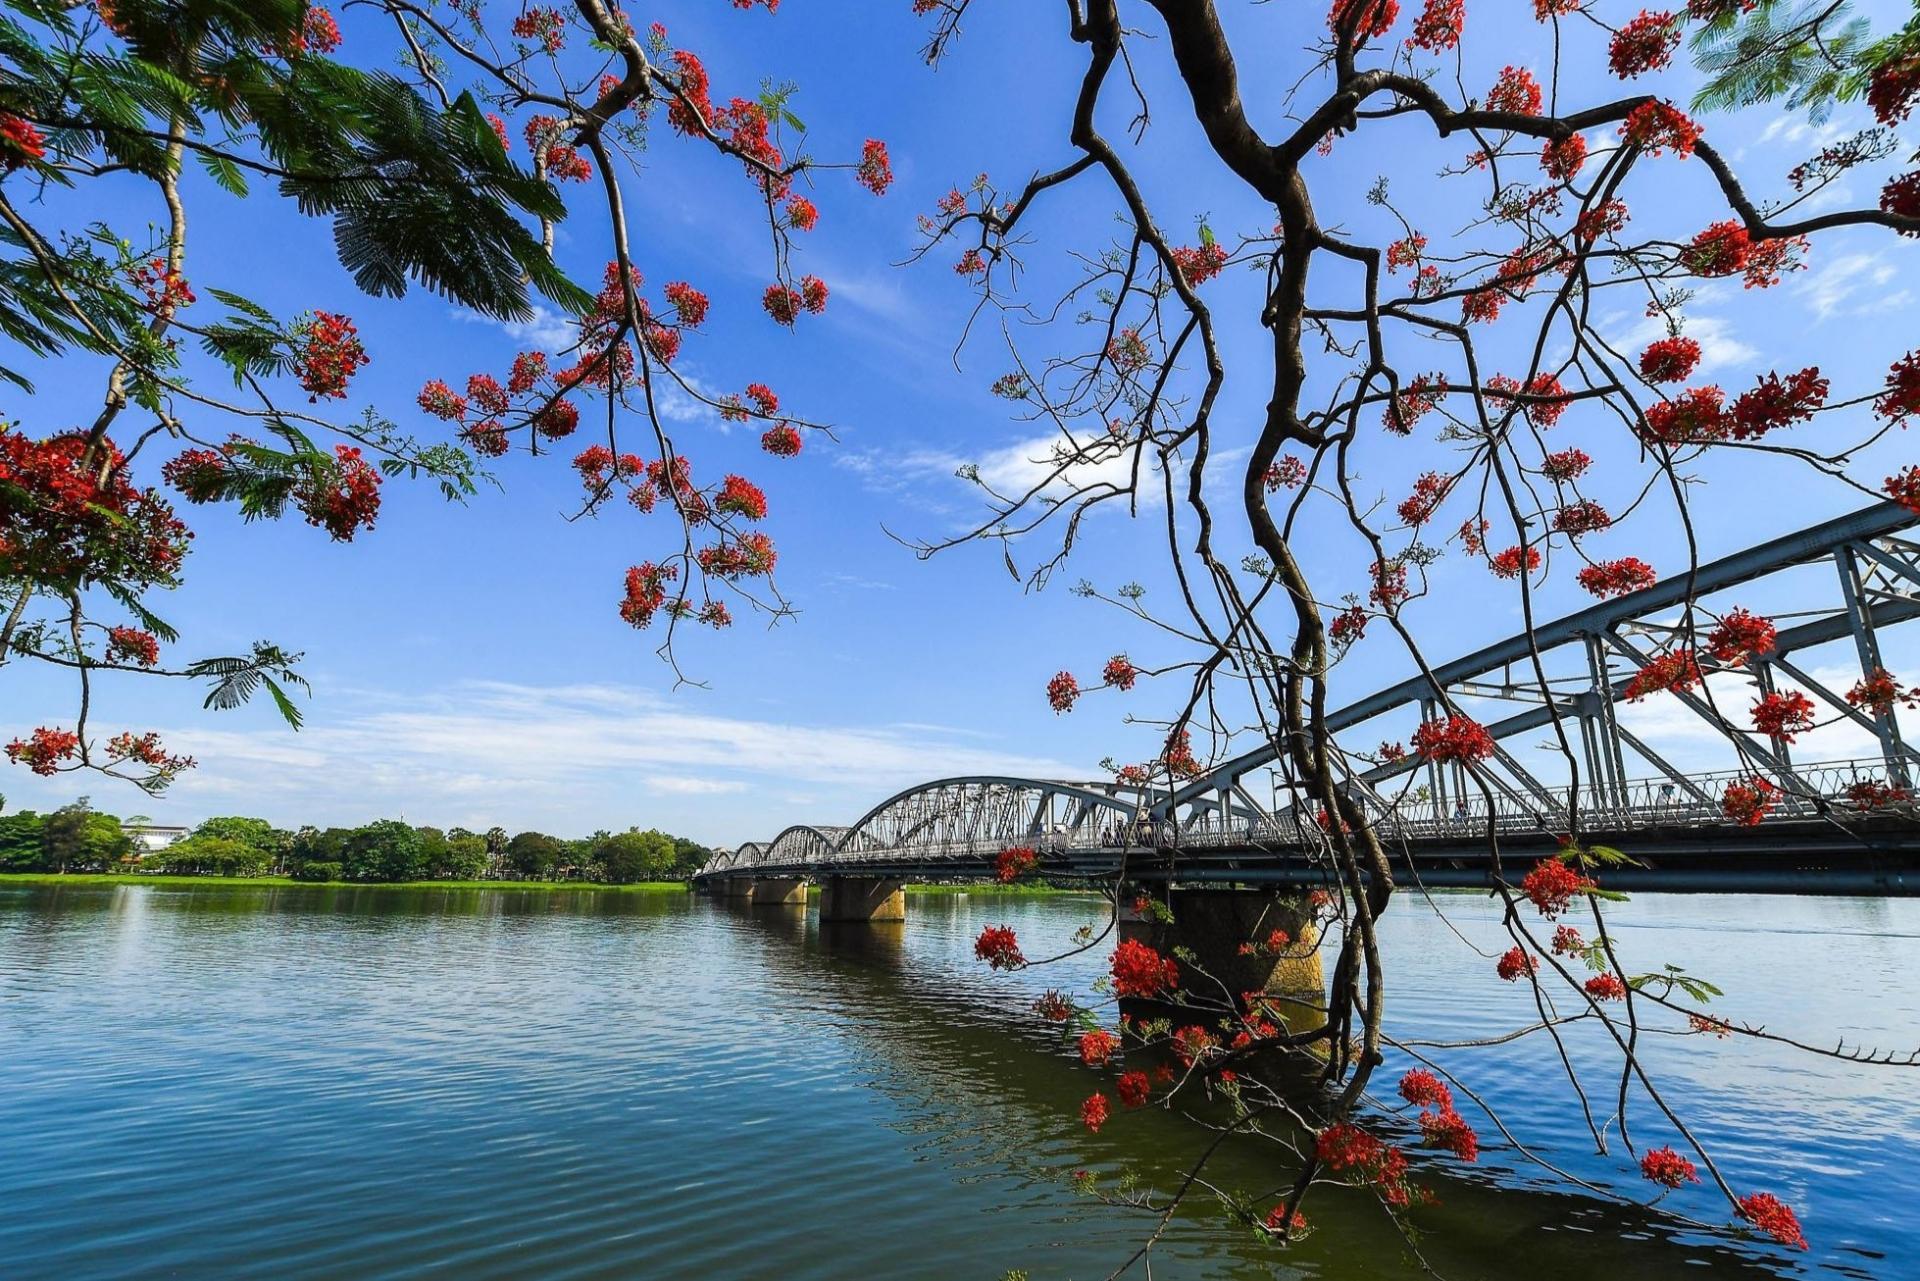 Vẻ đẹp của cây cầu biểu tượng xứ Huế